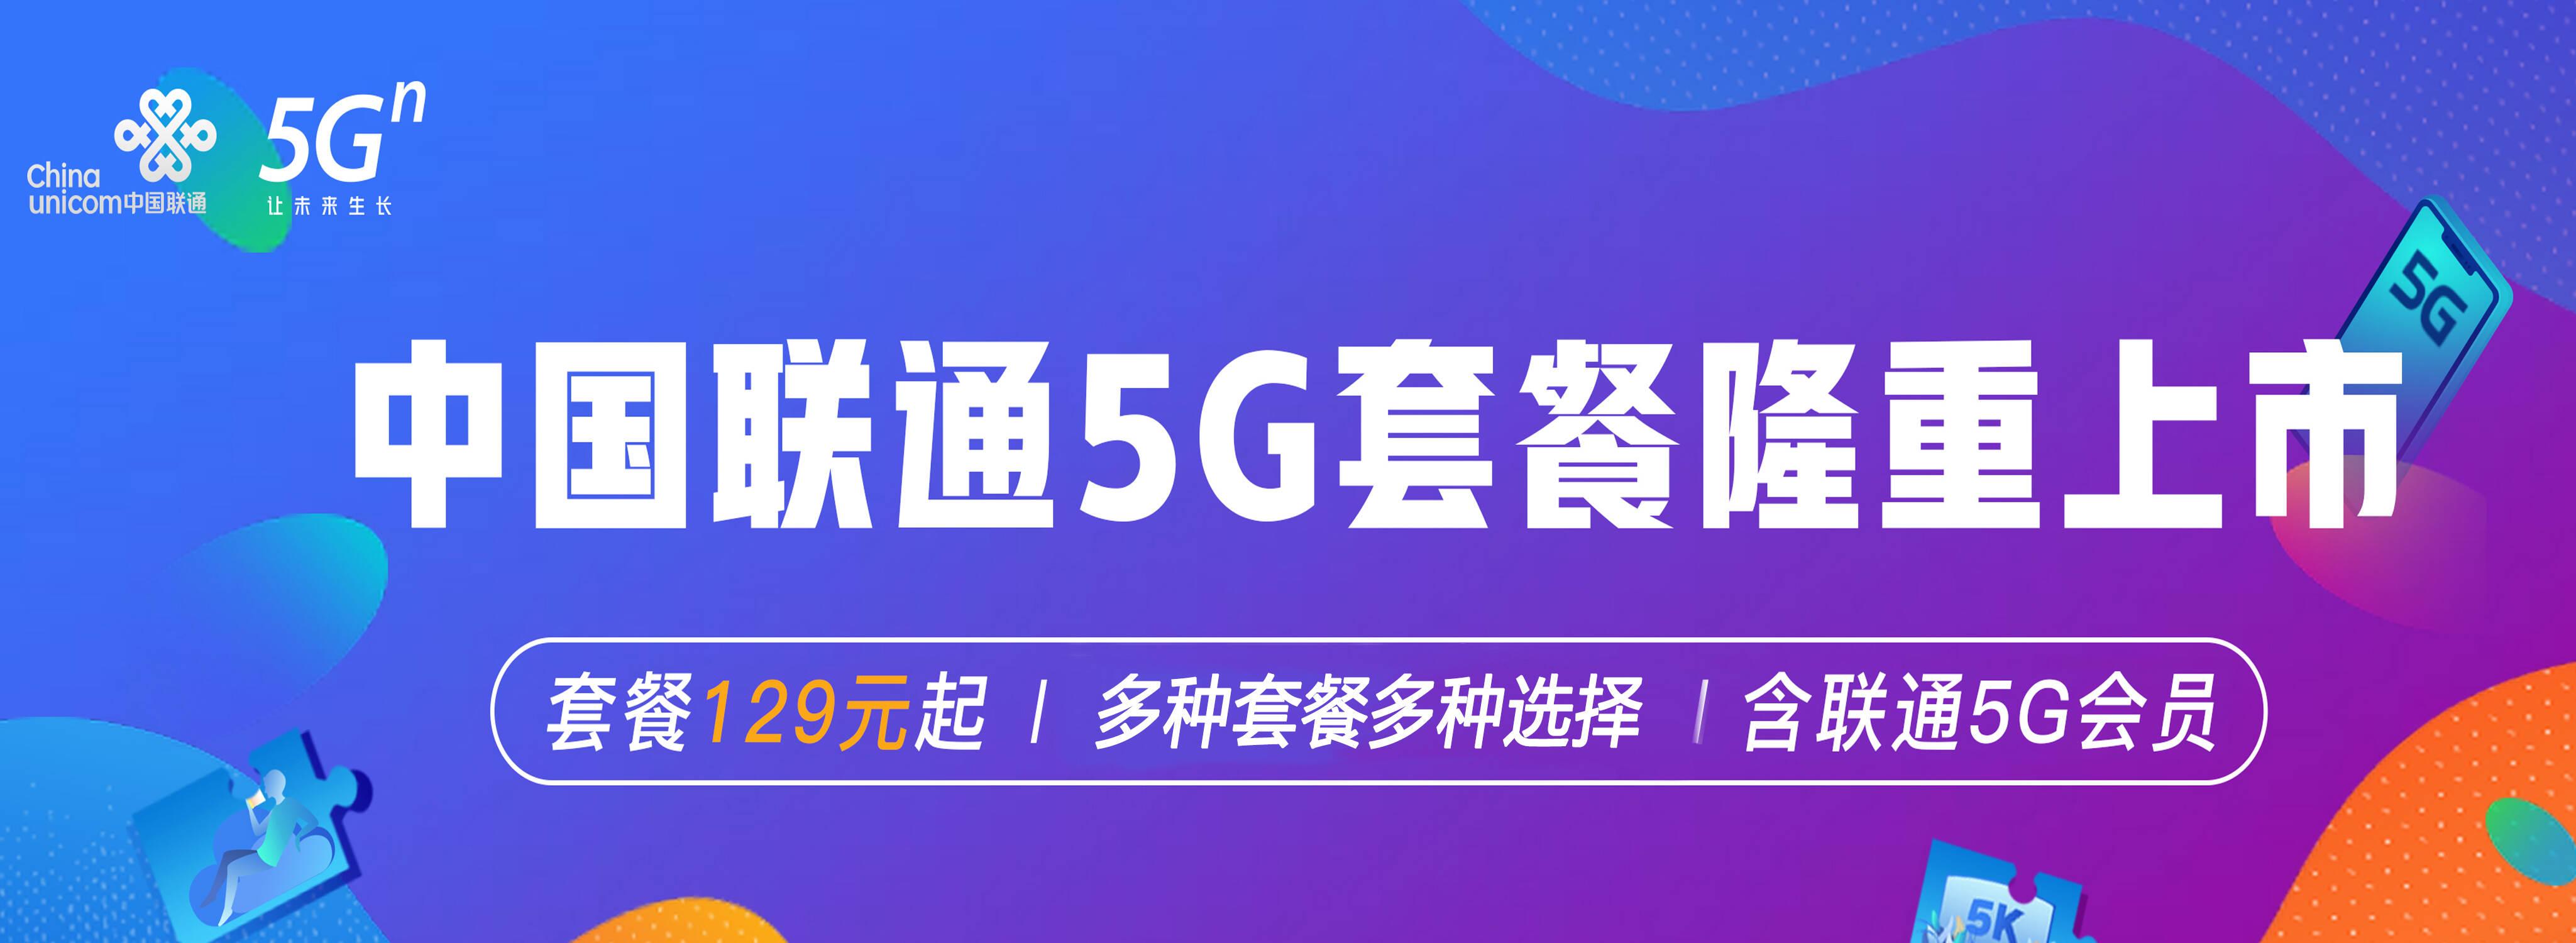 上线5G专区